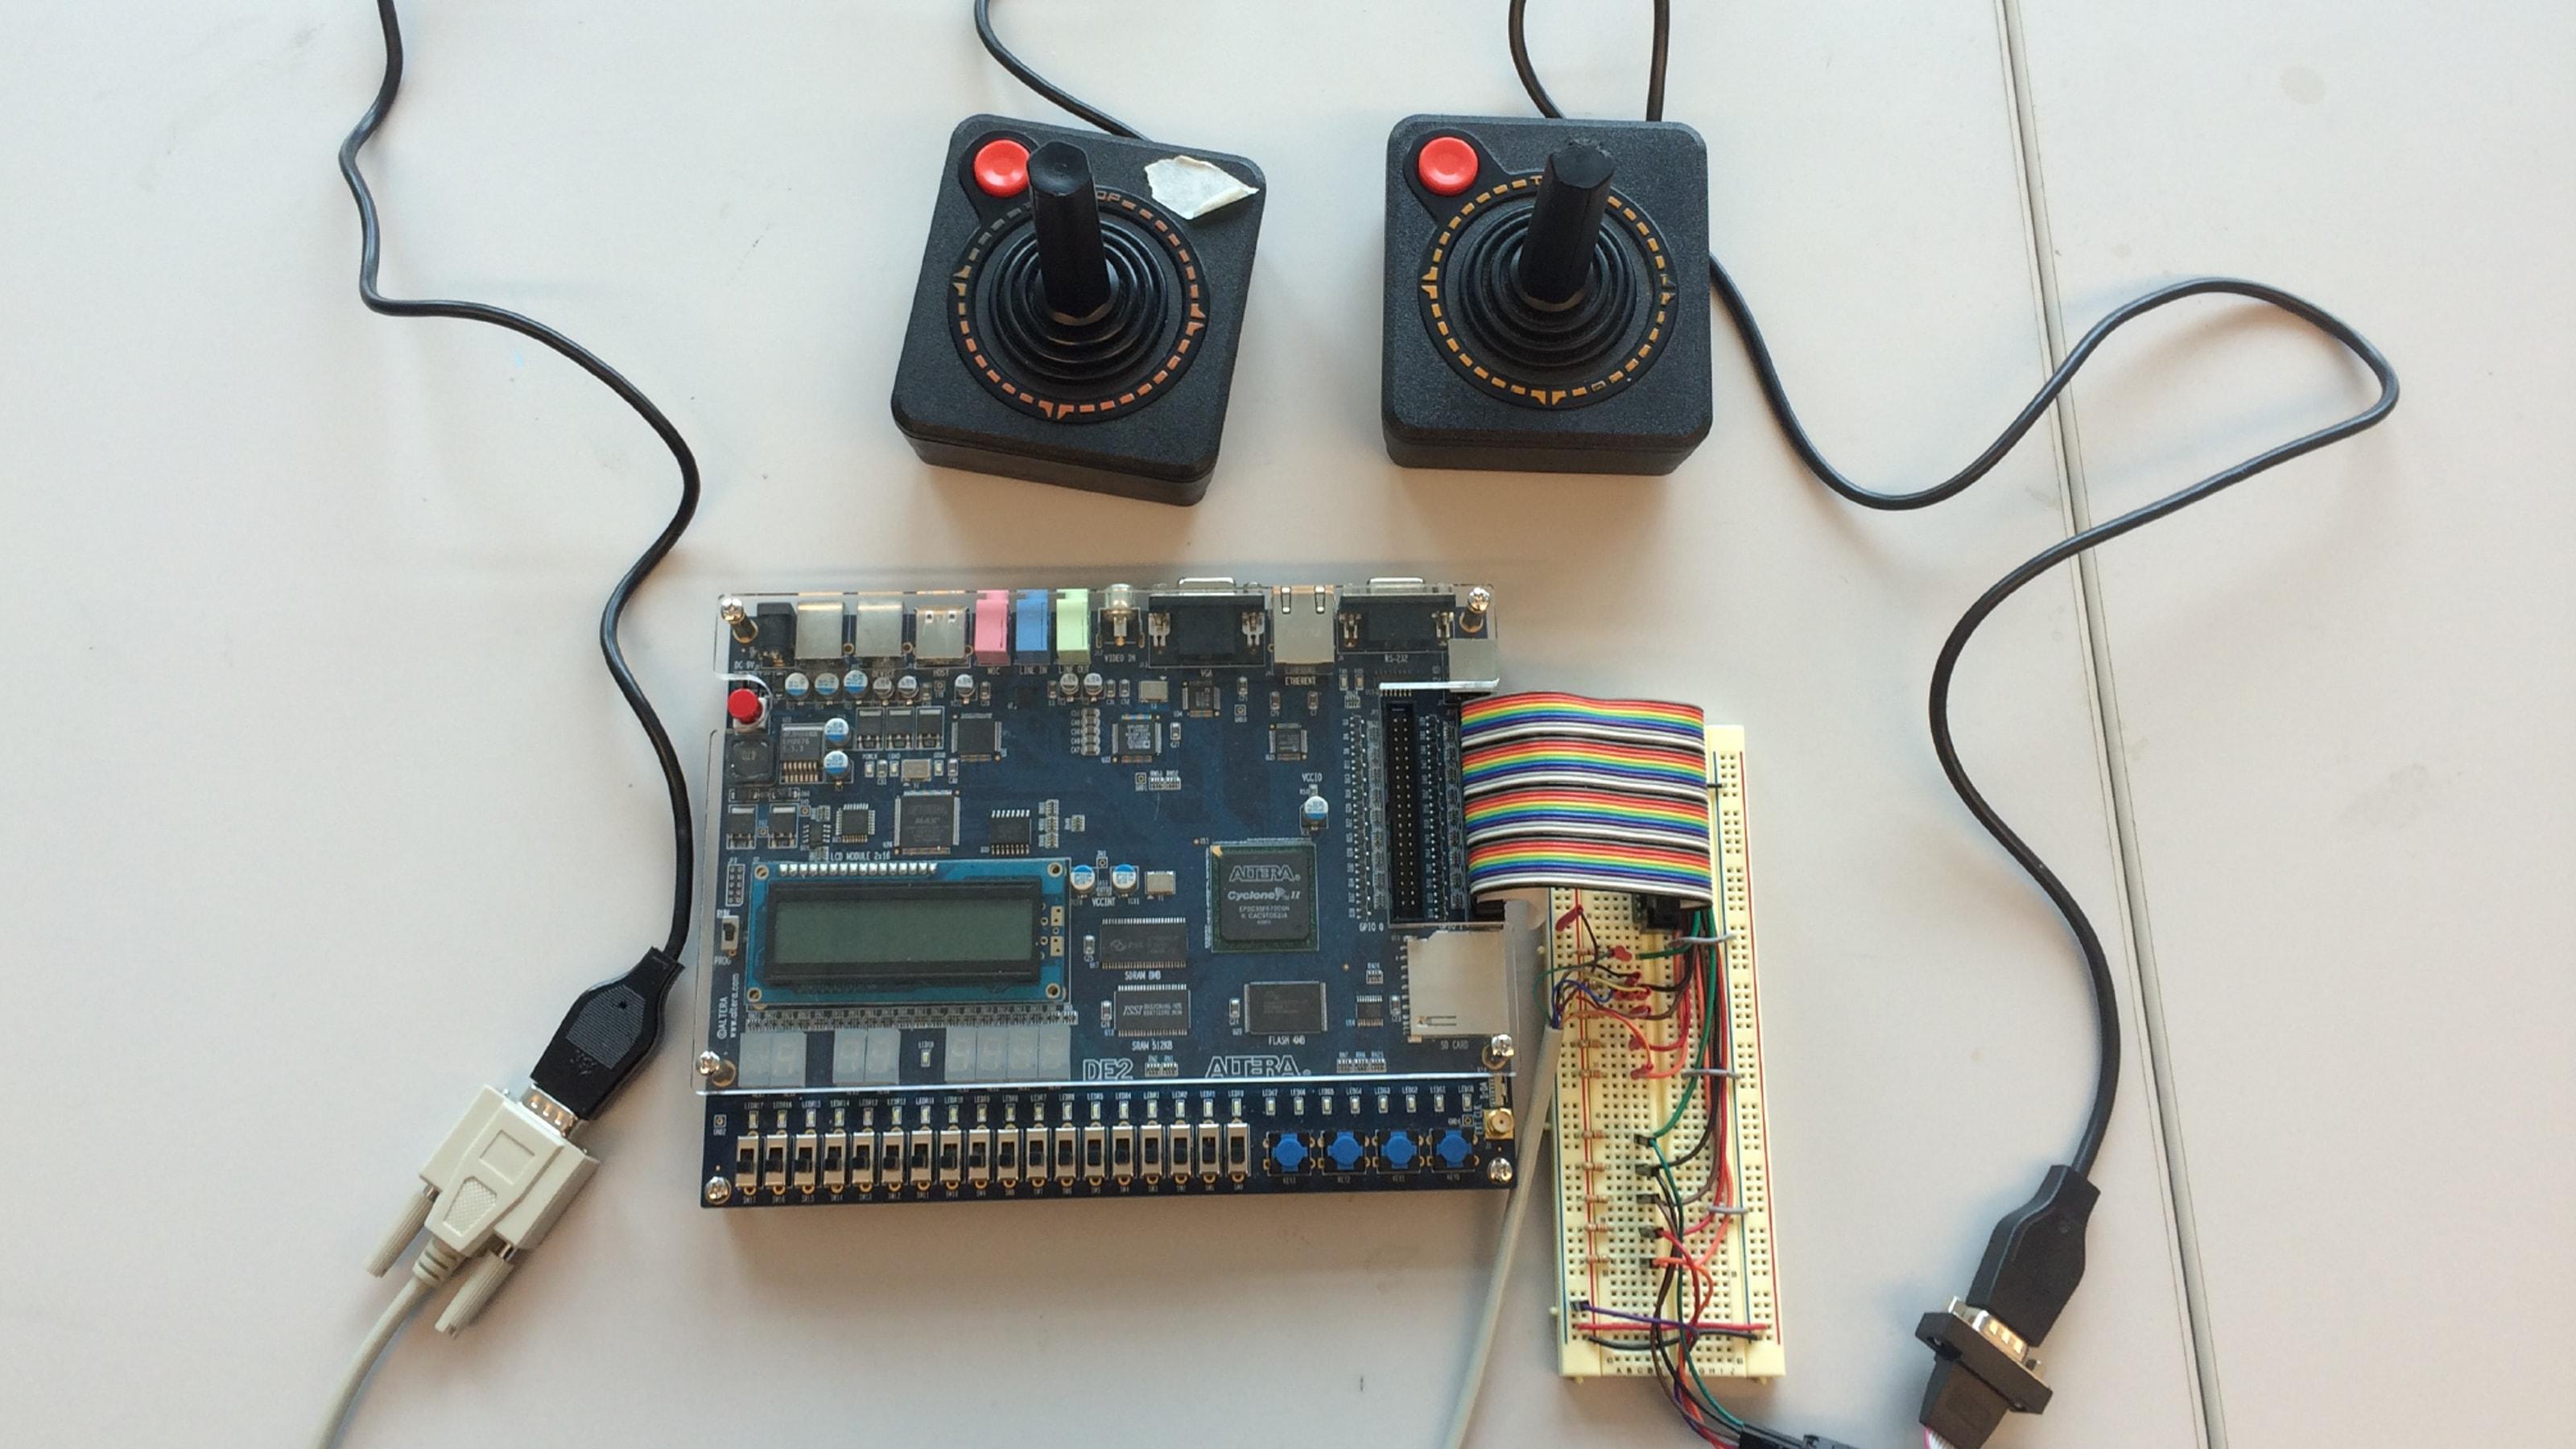 Two Atari joysticks connected to an Altera DE2 board.